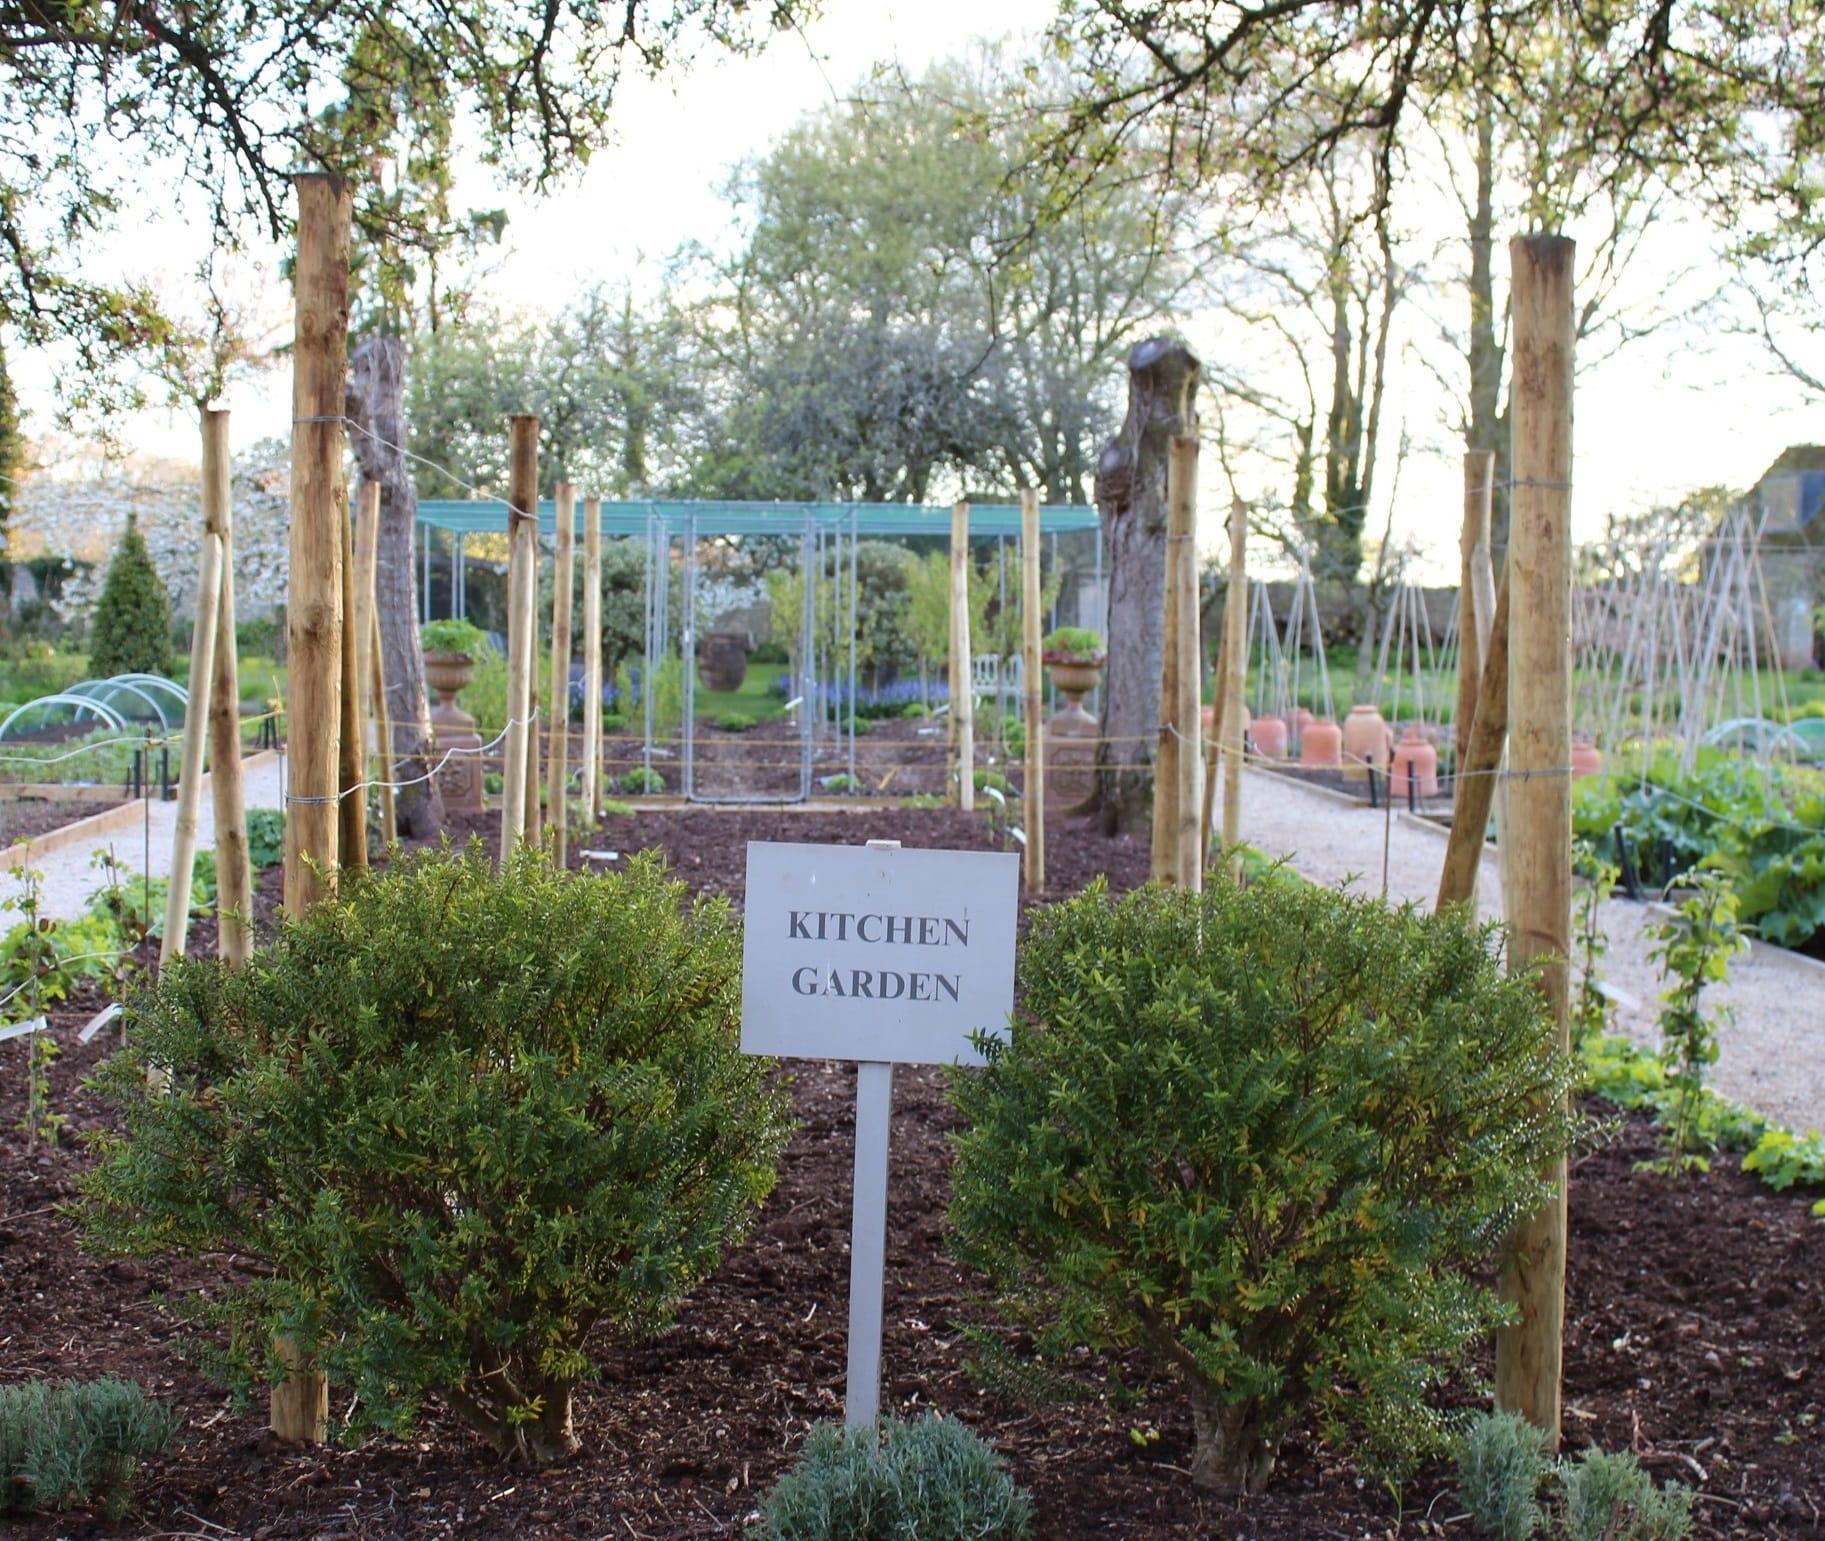 Kitchen Garden at The Pig near Bath